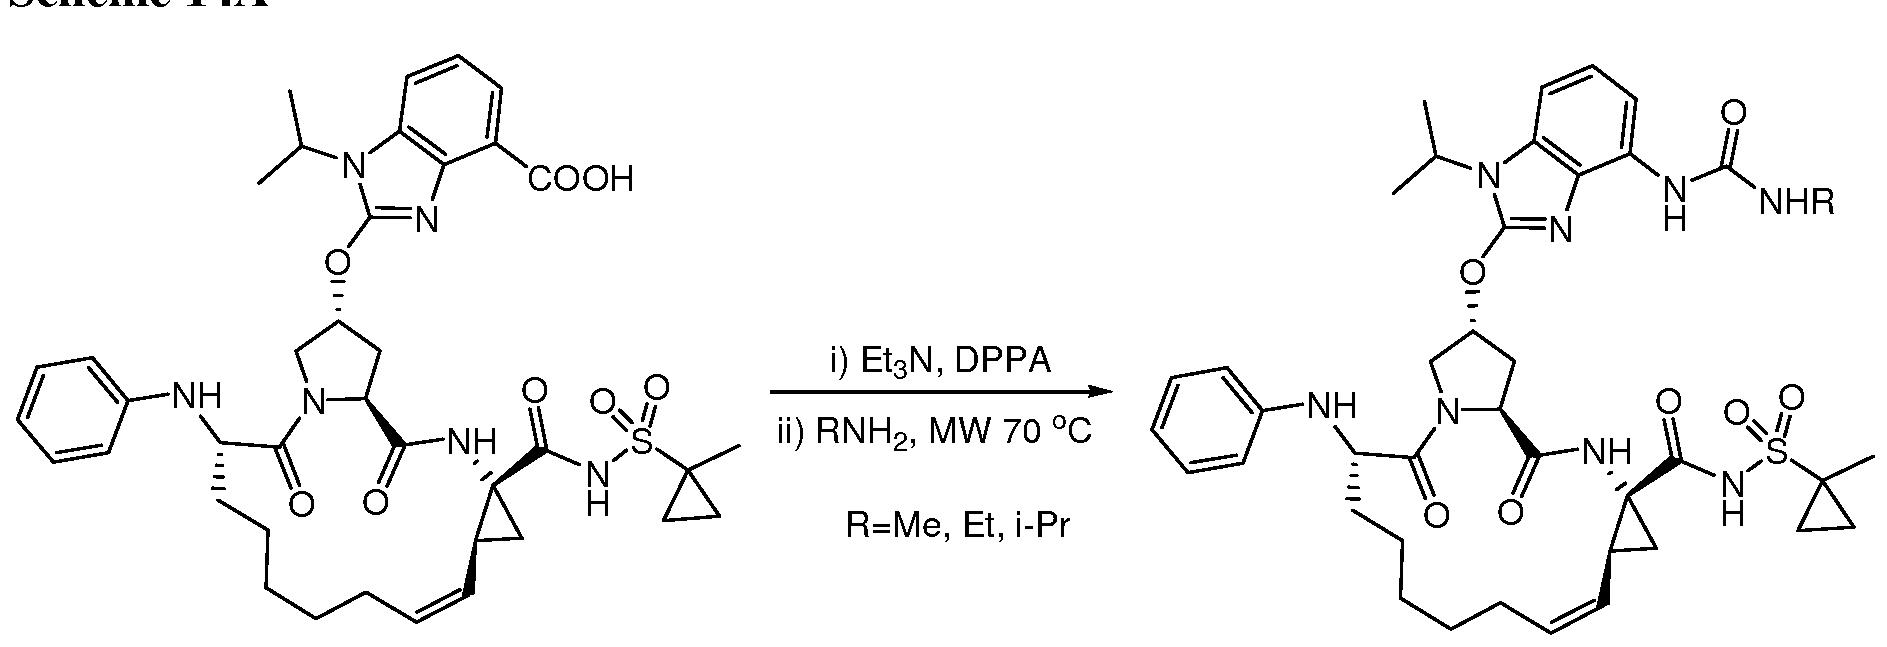 Figure imgf000325_0001